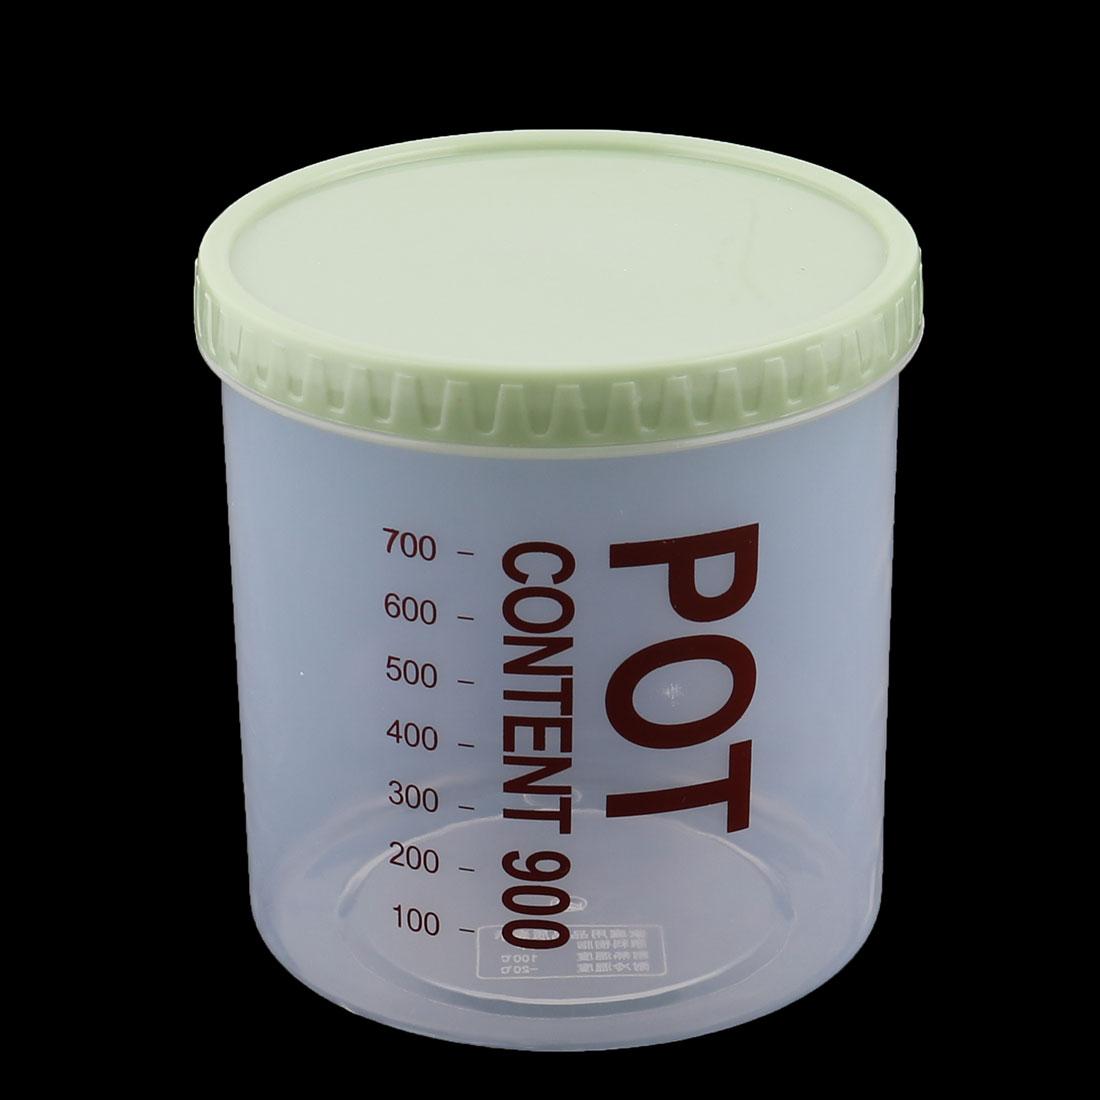 Maison Bo te alimentaire scellée en Plastique rond Bonbons alimentaire Bo te Rangement Cas 900ml vert - image 3 de 4